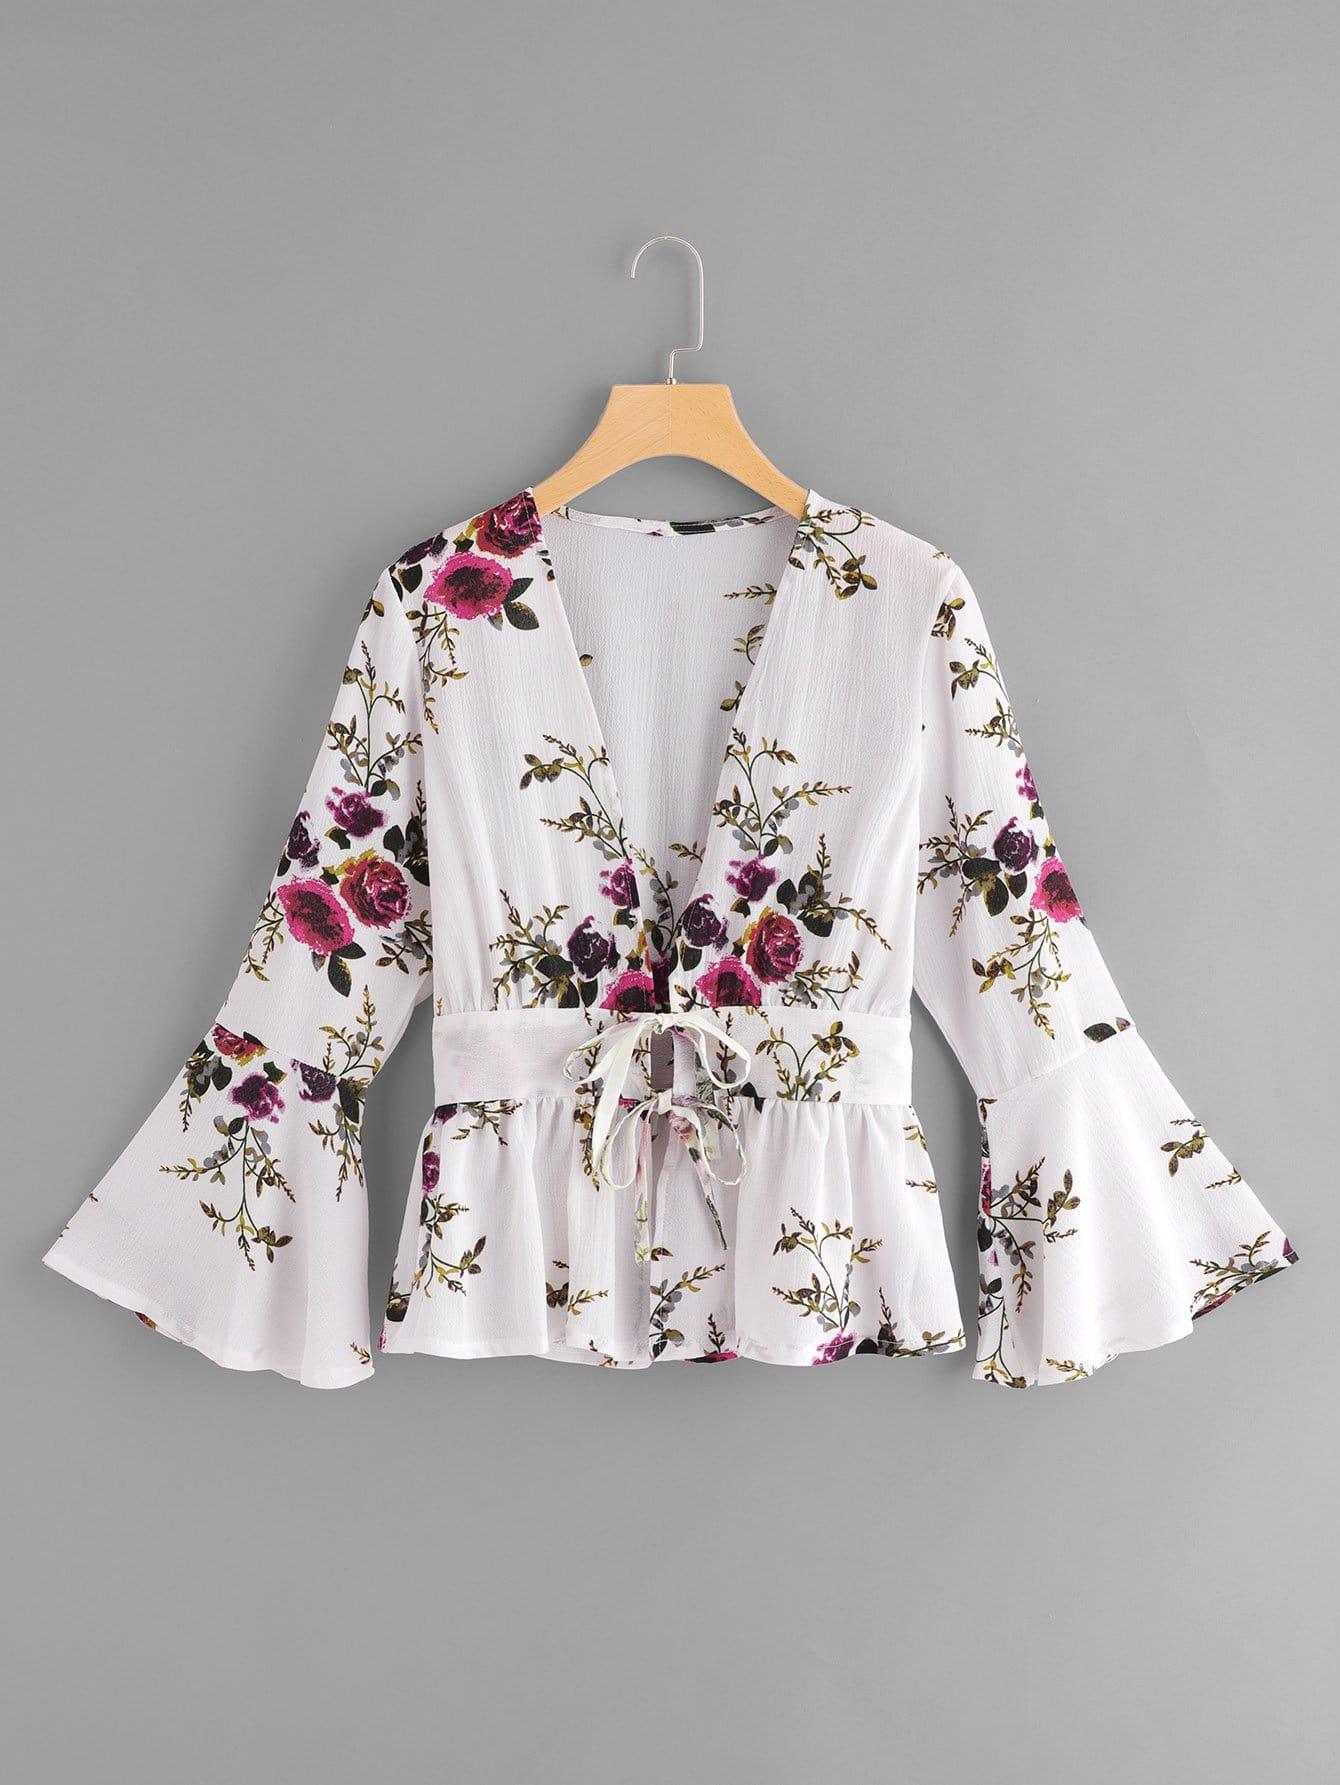 Bluse mit Blumenmuster, Schößchensaum auf den Ärmeln und Knoten